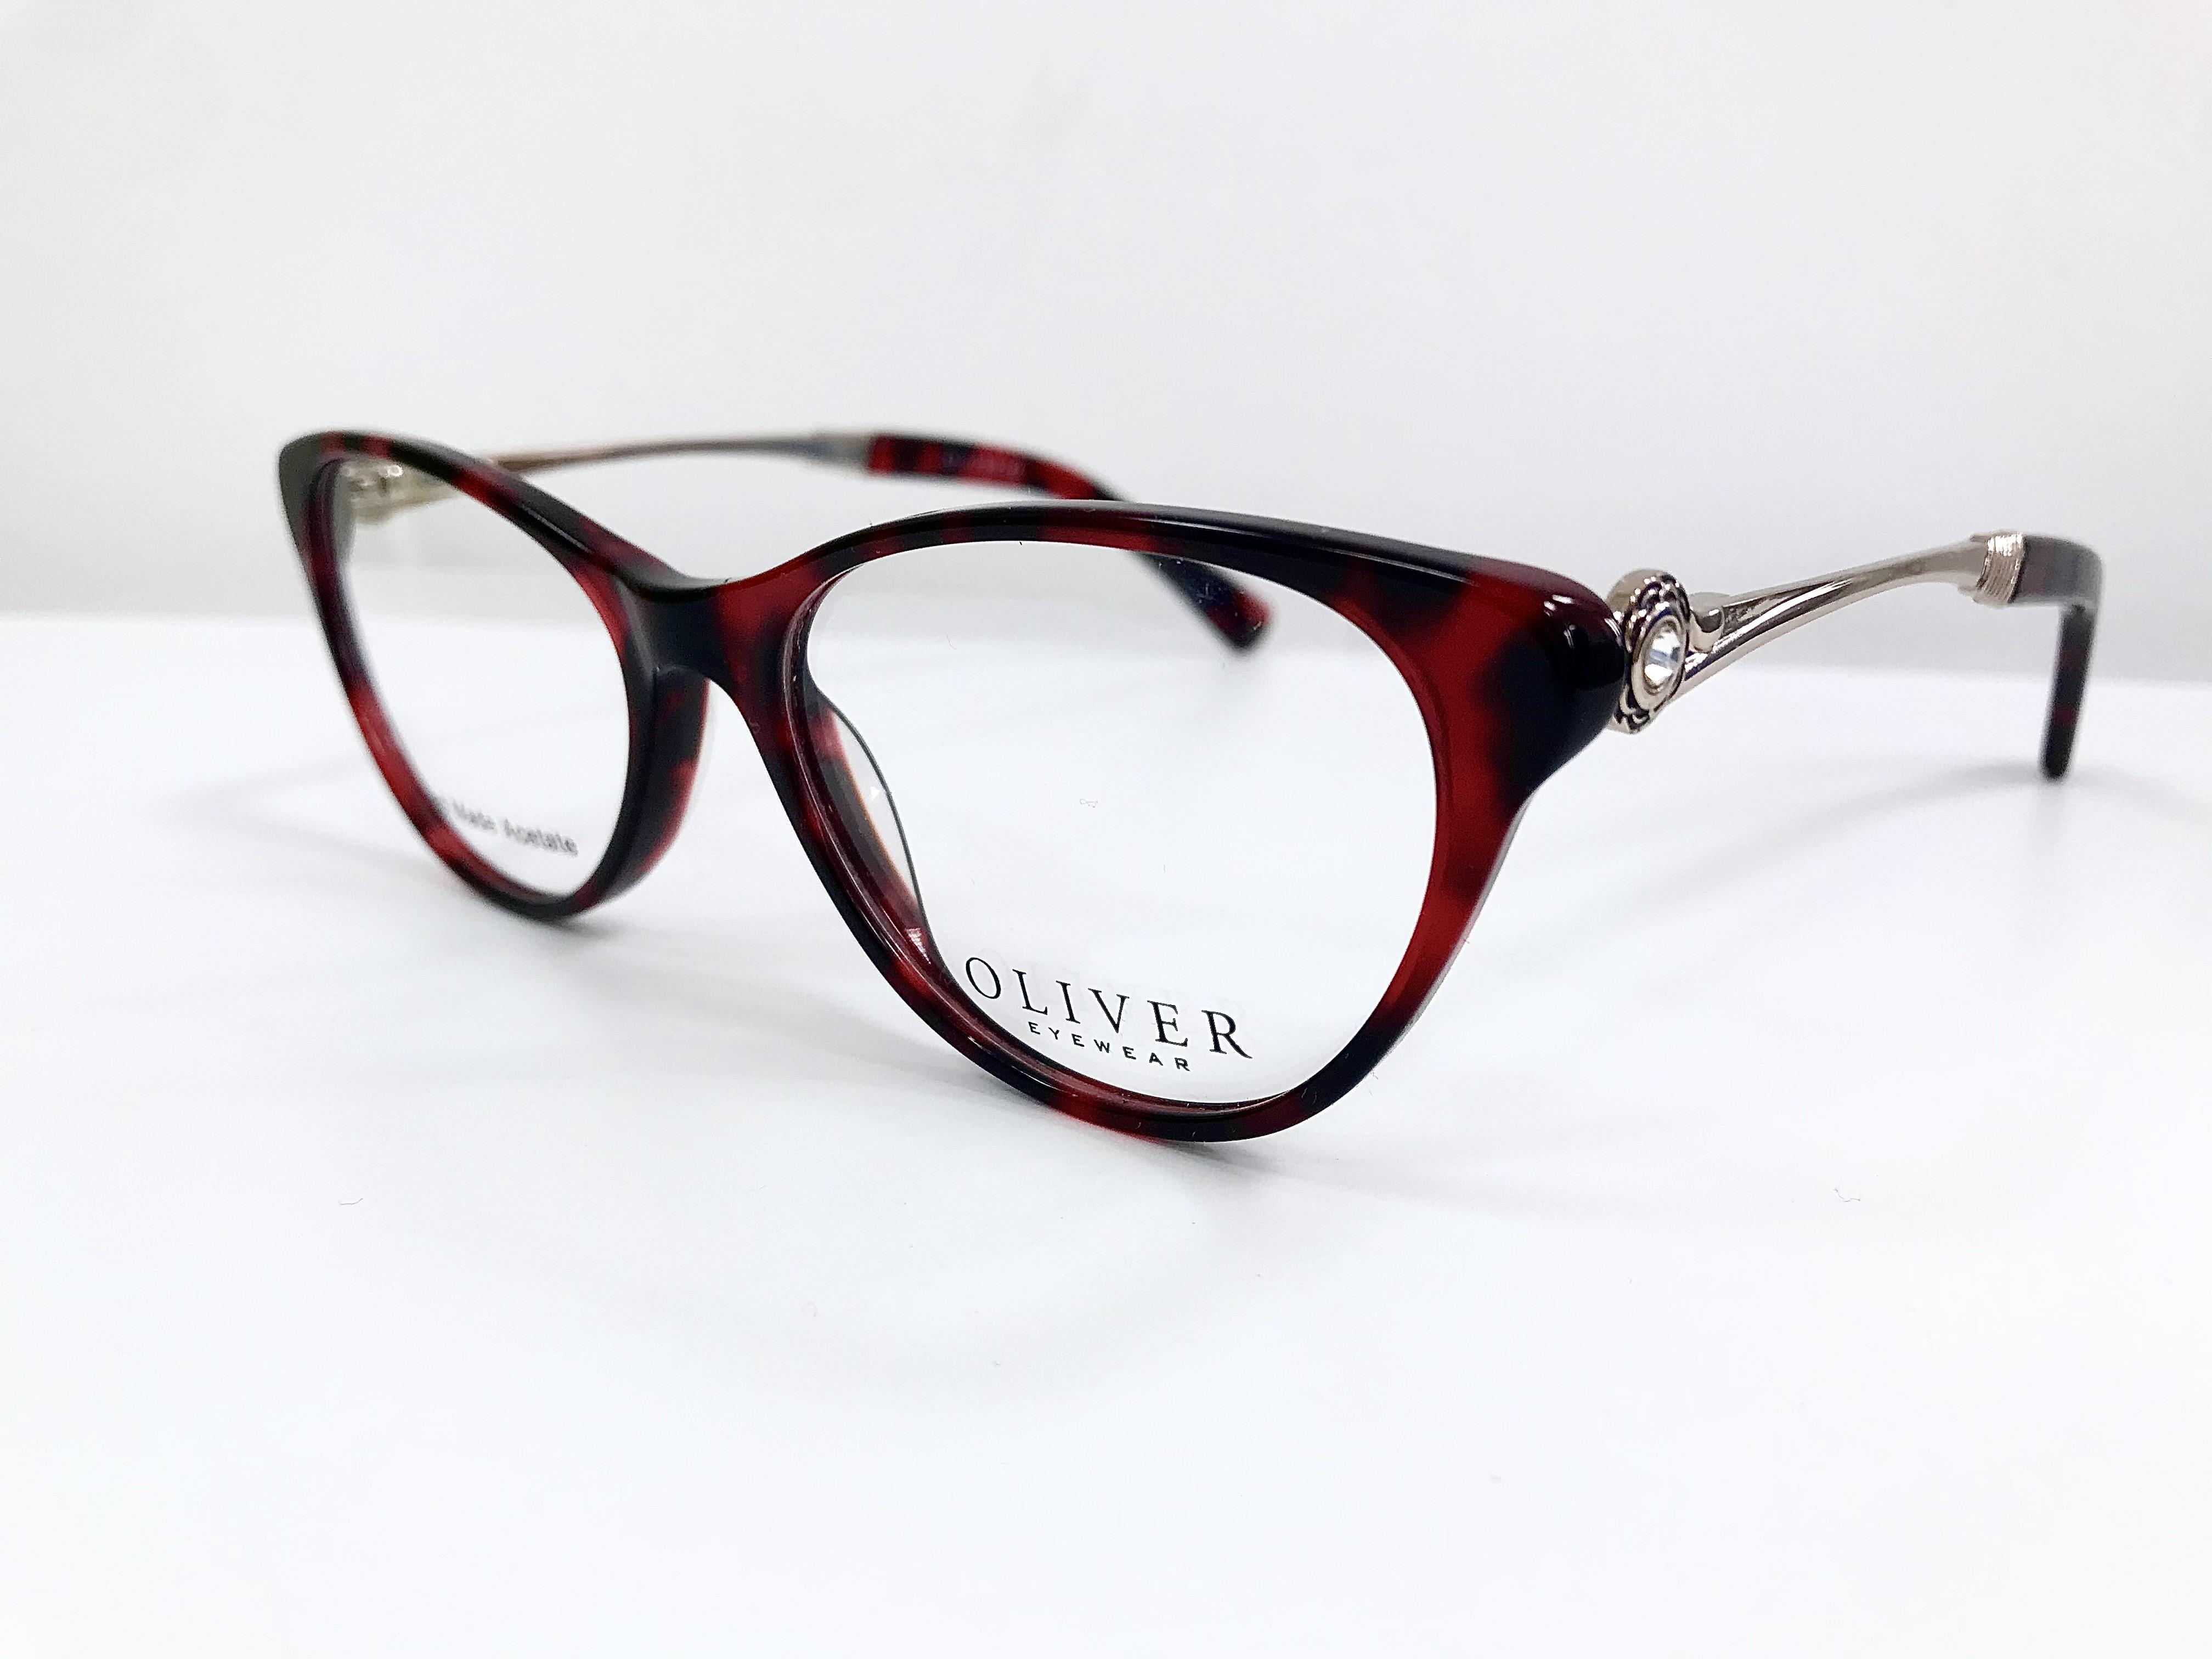 OLIVER-7044-C4 [0]